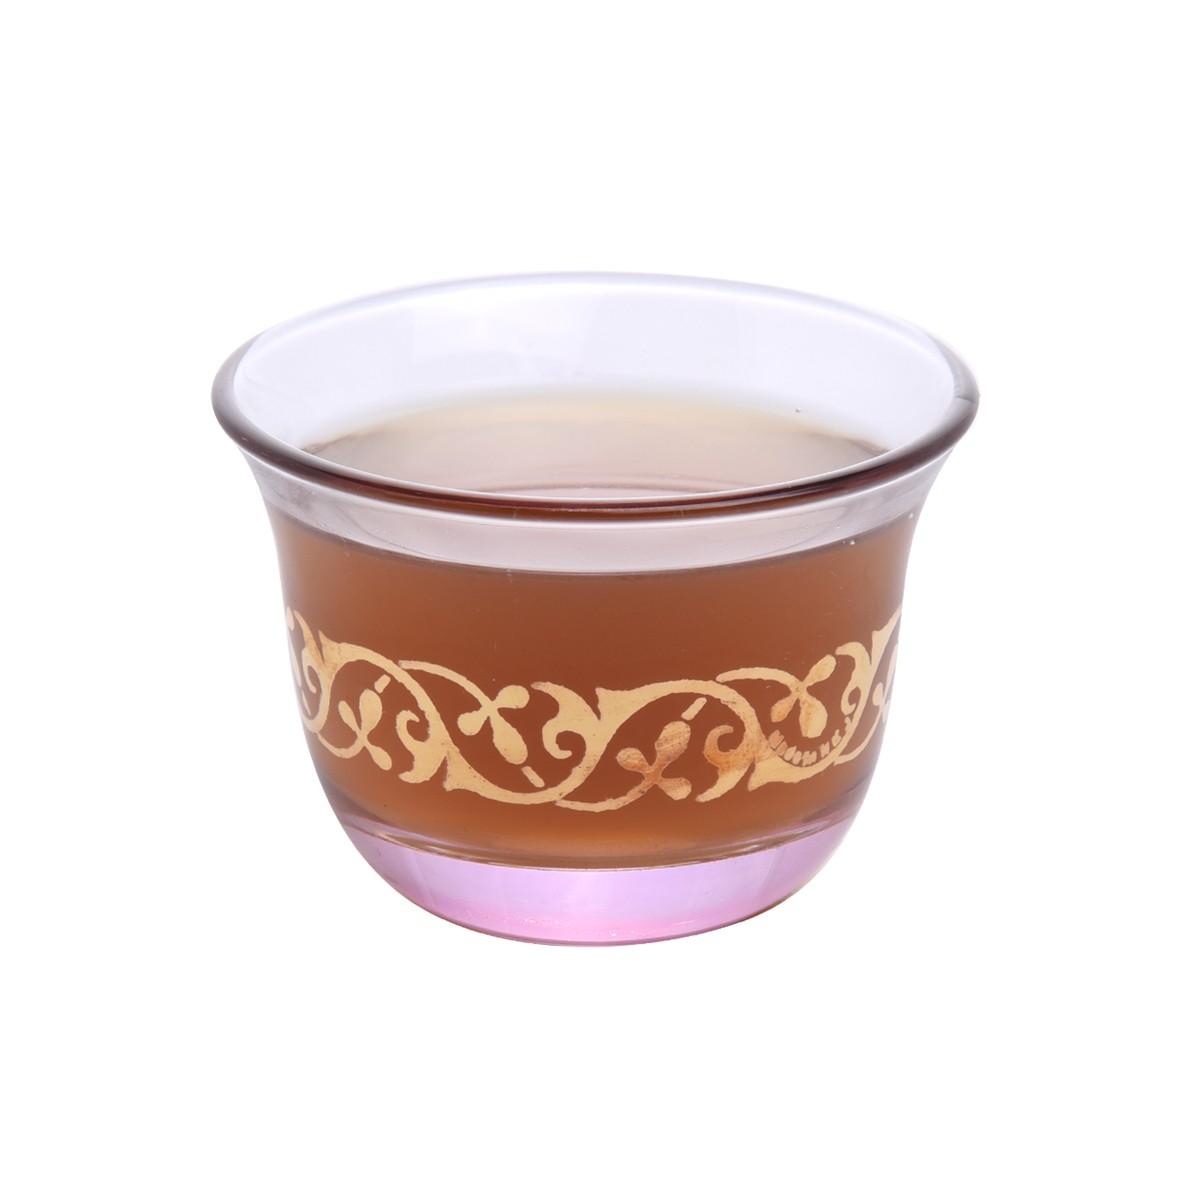 طقم فناجين قهوة زجاج مذهب 6 قطعة DJ-33178